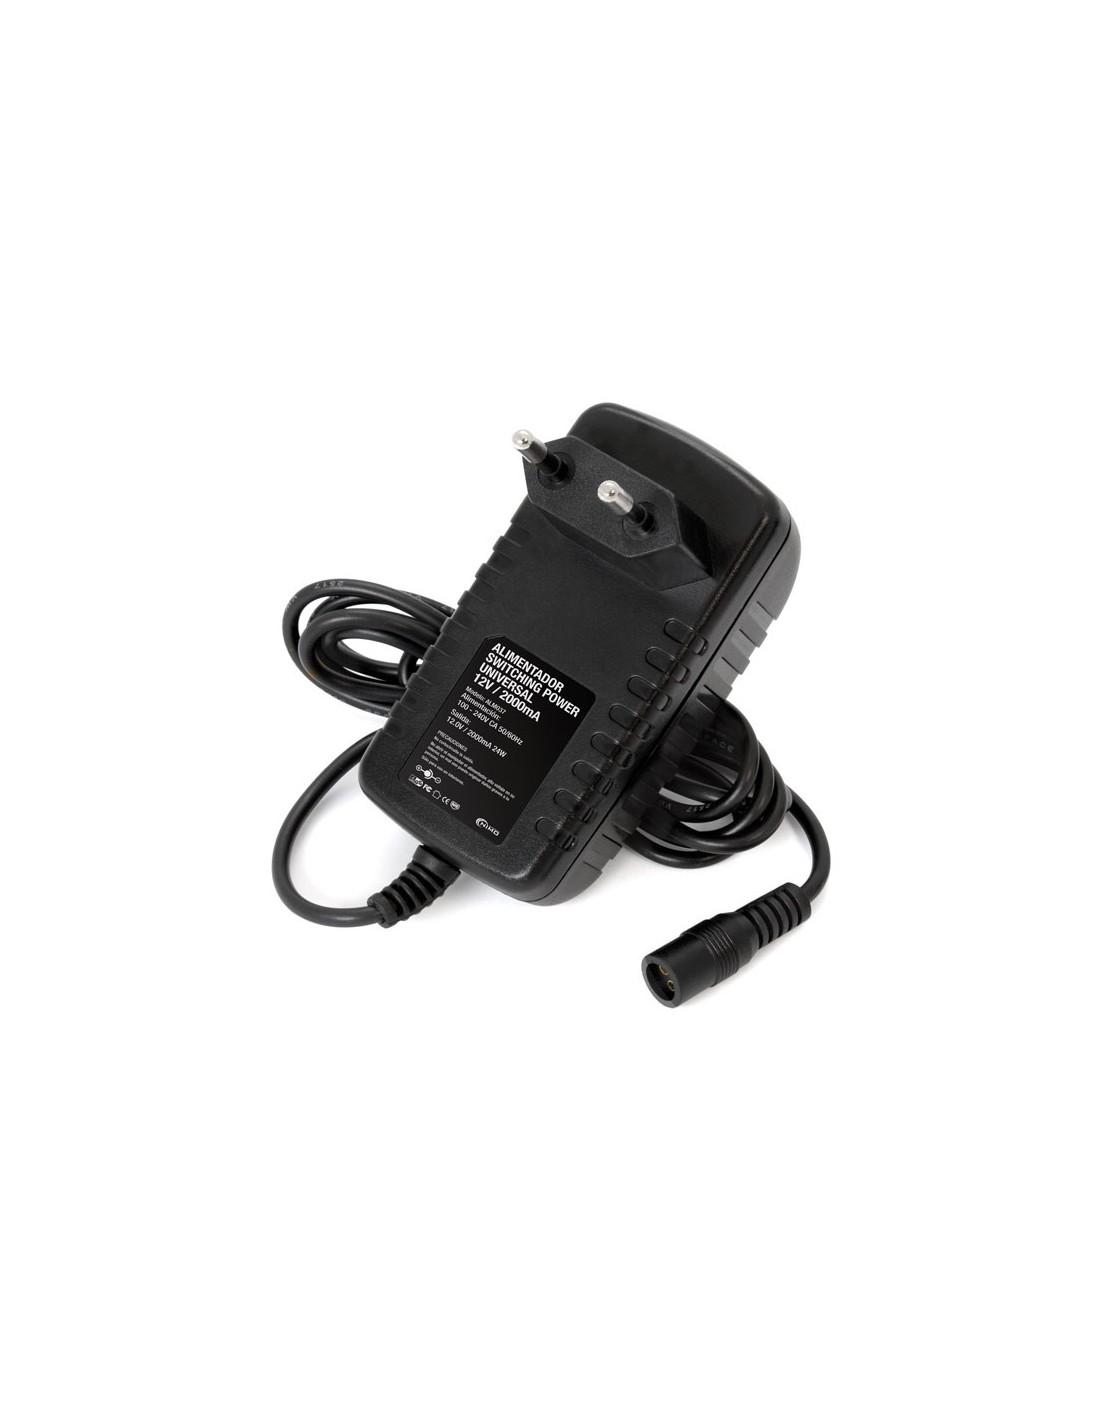 Alm037 alimentador 12v 2a electr nico universal electr nica y mas - Alimentador 12v ...